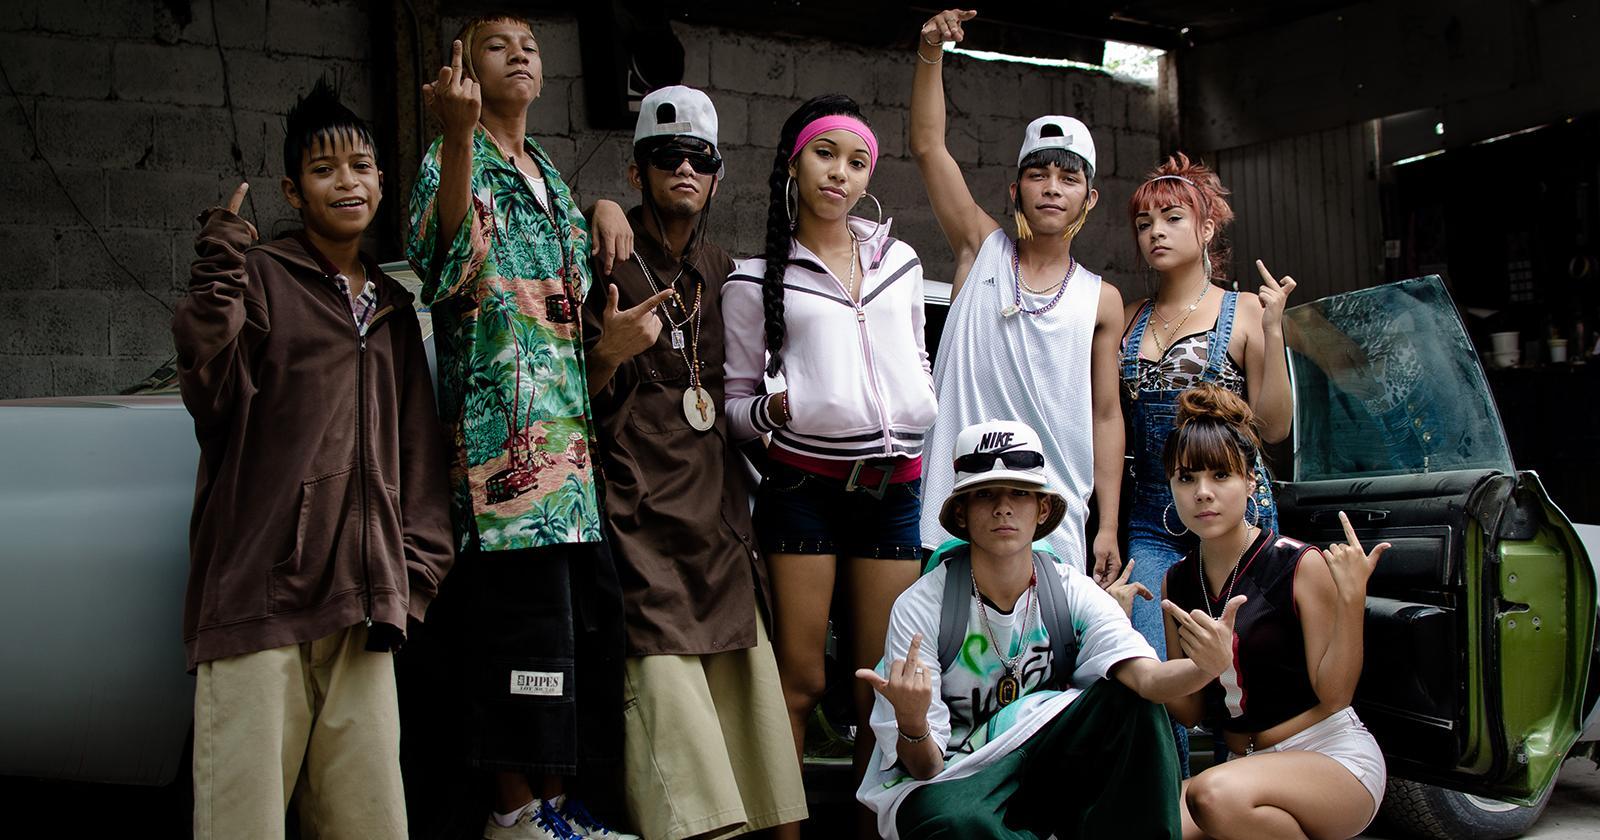 Grupo de ocho jóvenes caracterizados con la estética característica de los Kolombia. Peinados extravagantes y vestimentas coloridas y holgadas.